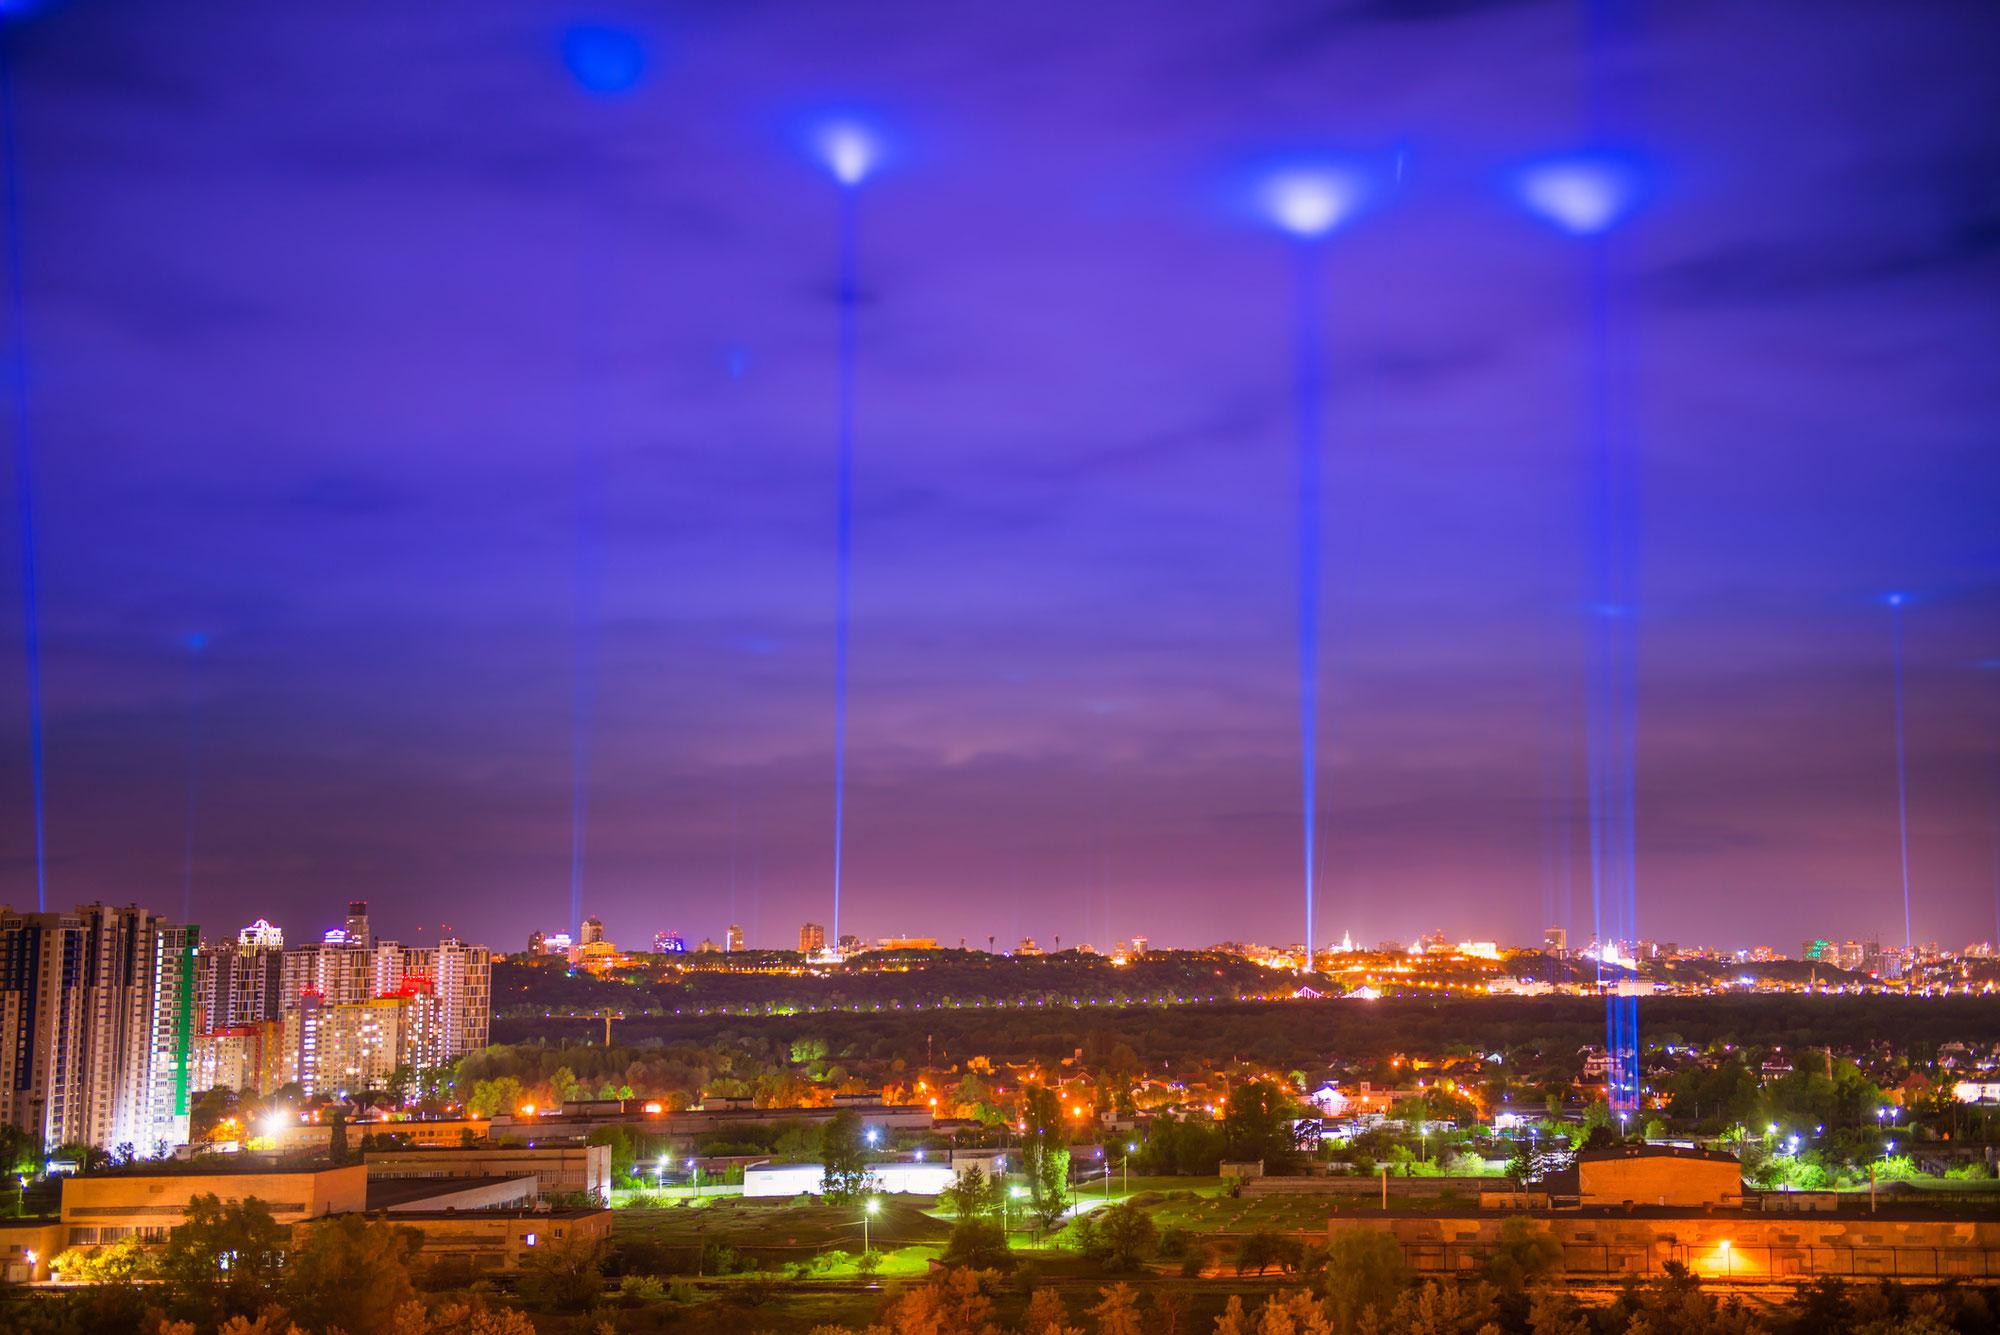 Starseeds: wakker worden in de multi-planetaire achtergrond ♥ Judith Loeffen ♥ Lichtwerkers Nederland